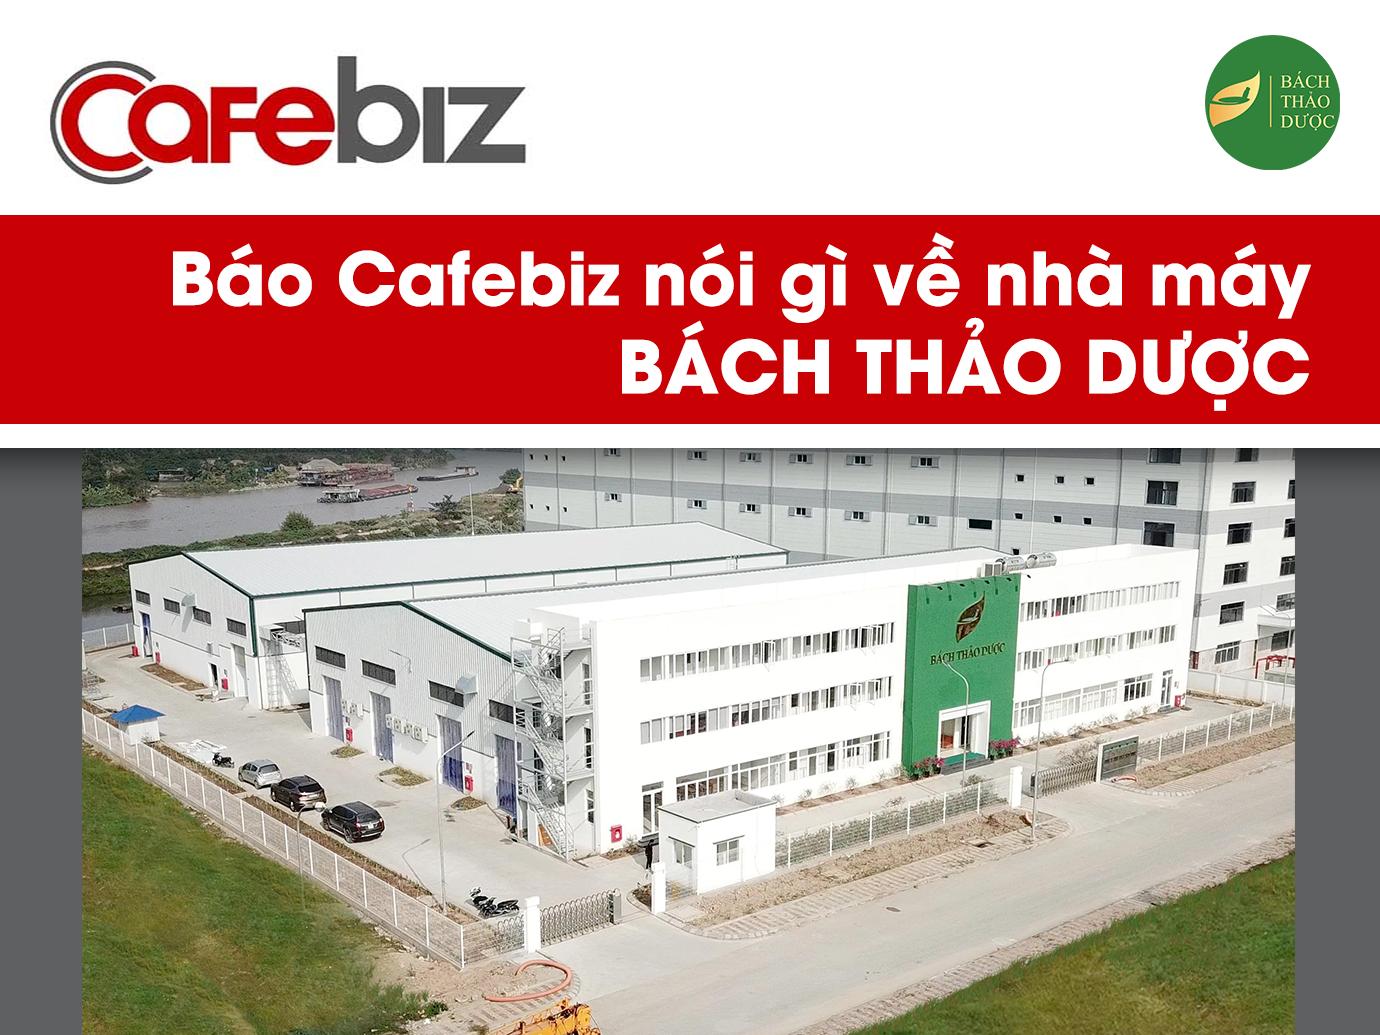 Báo Cafebiz nói gì về nhà máy BÁCH THẢO DƯỢC